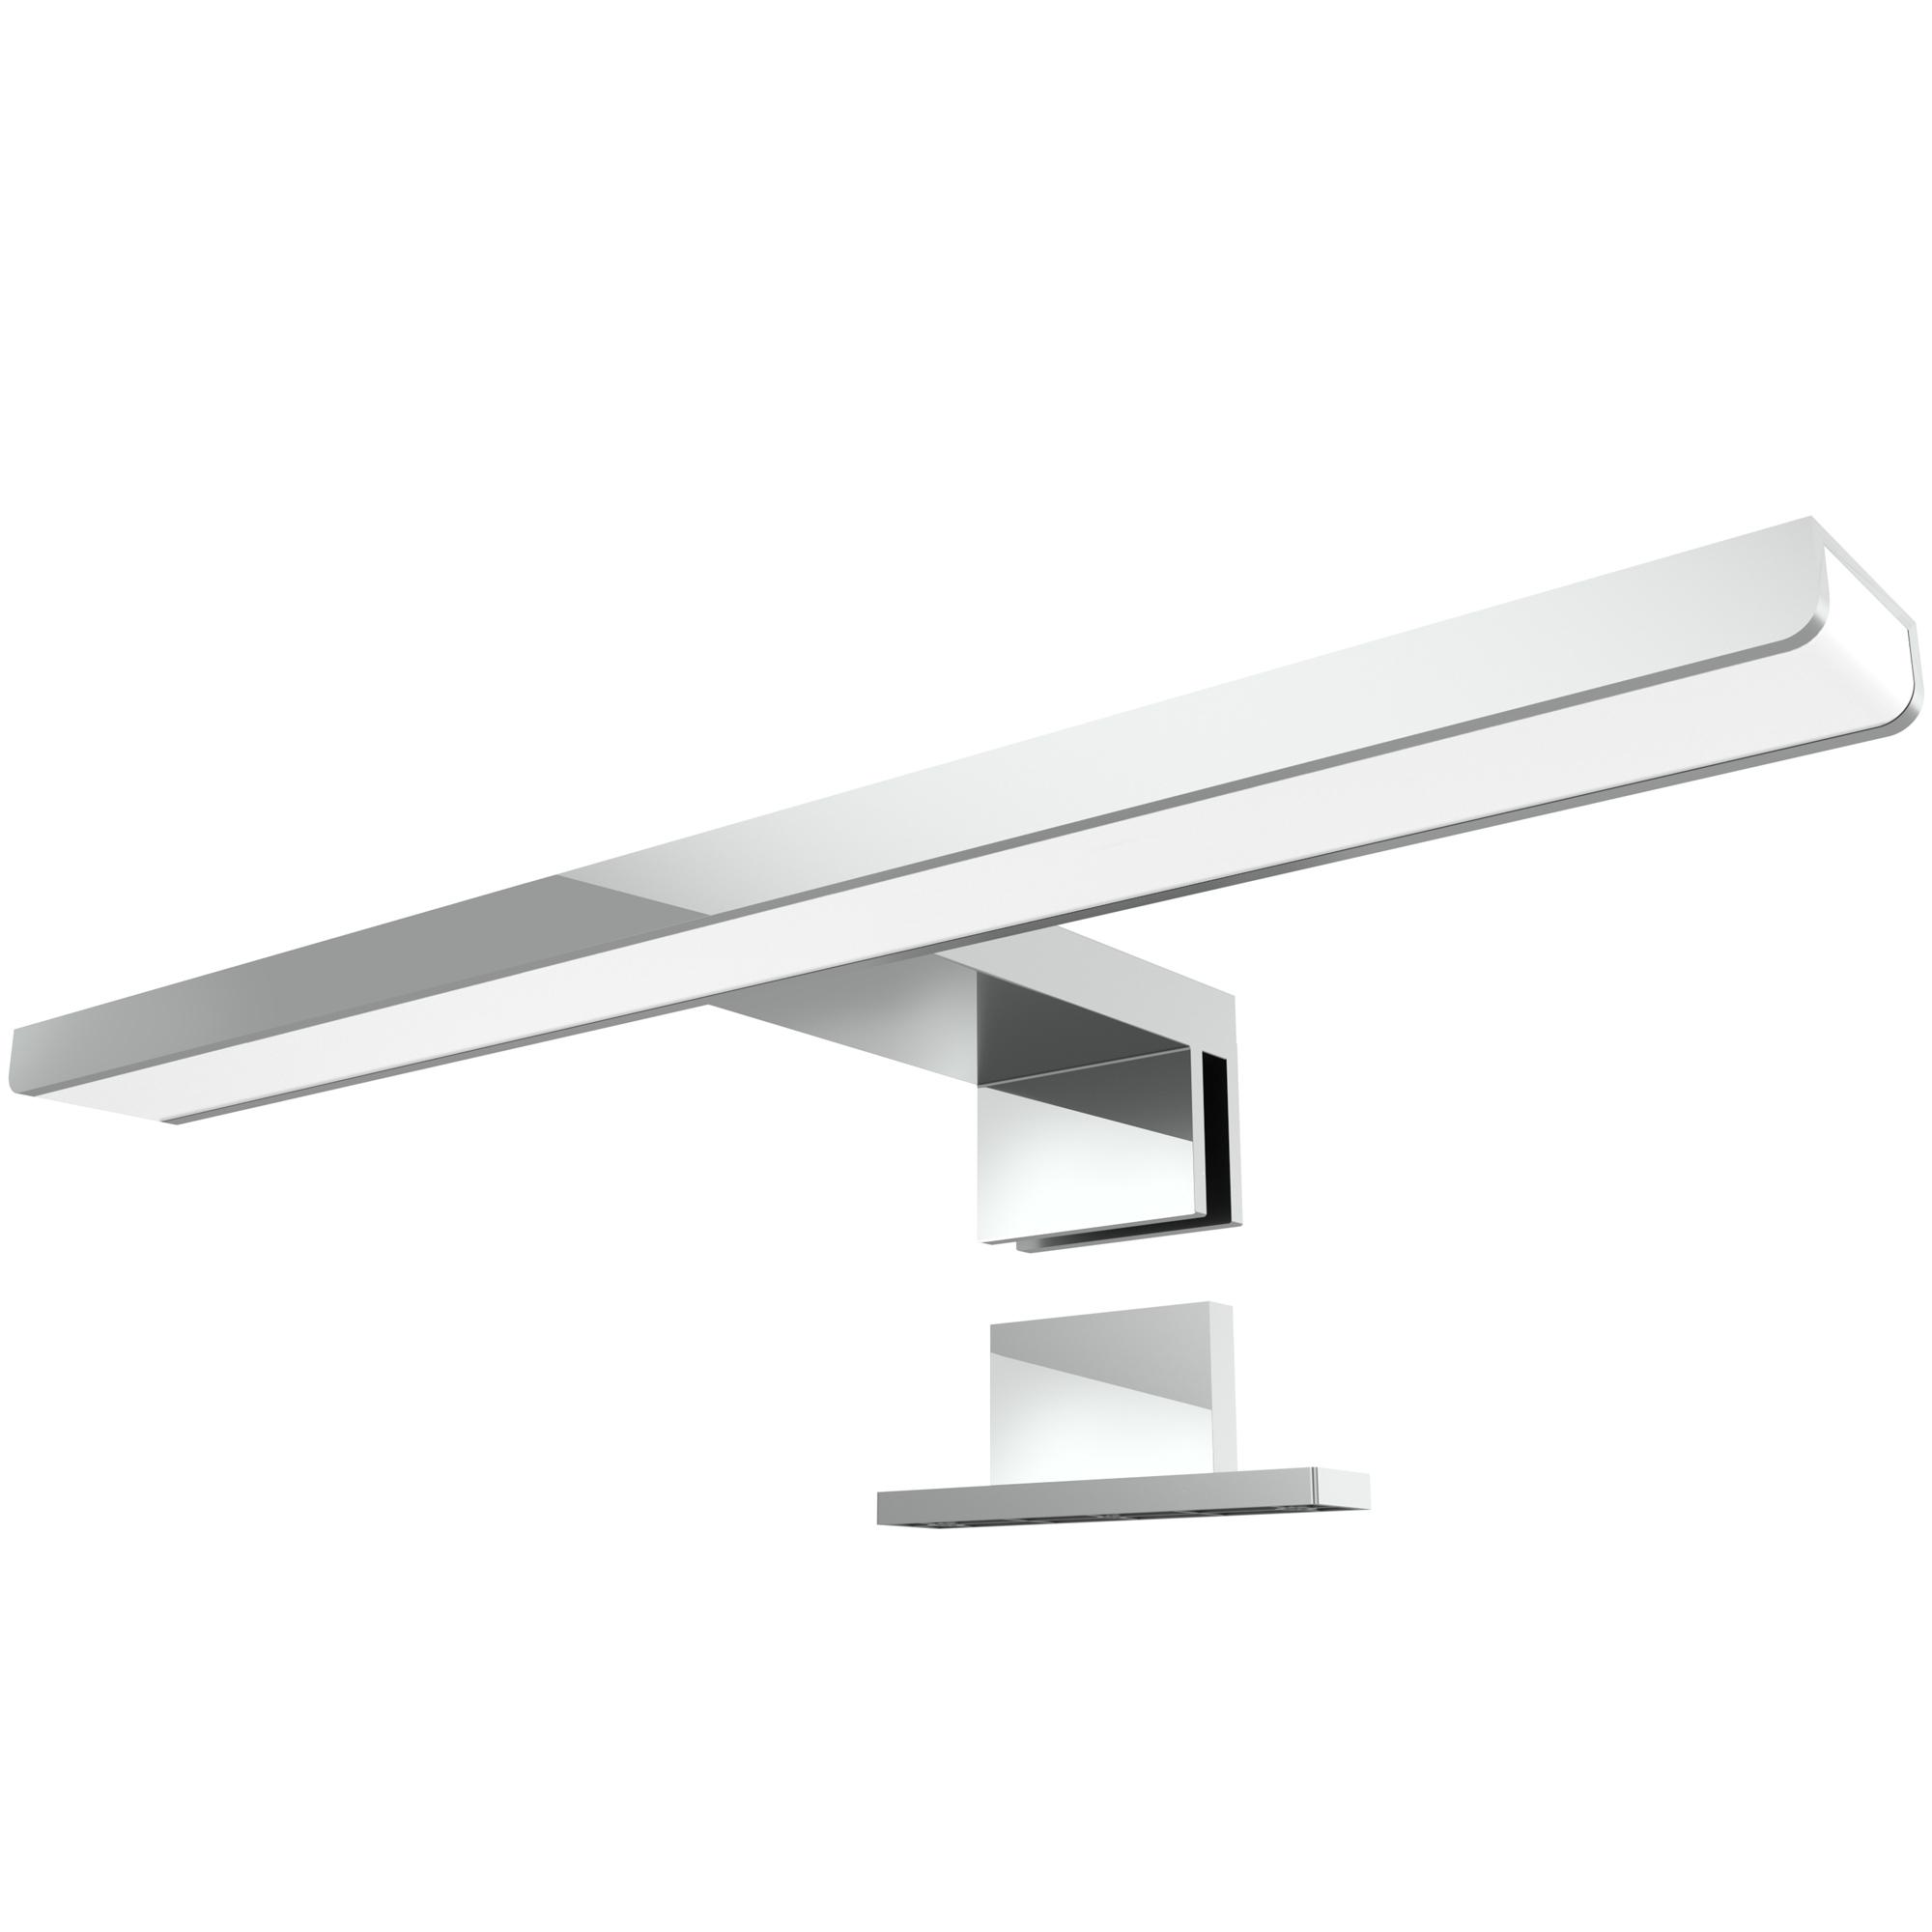 LED Bad Spiegelleuchte LEVA 8-in-8 Aufbauleuchte / Klemmleuchte 8cm 8W  IP8 warmweiß chrom glänzend